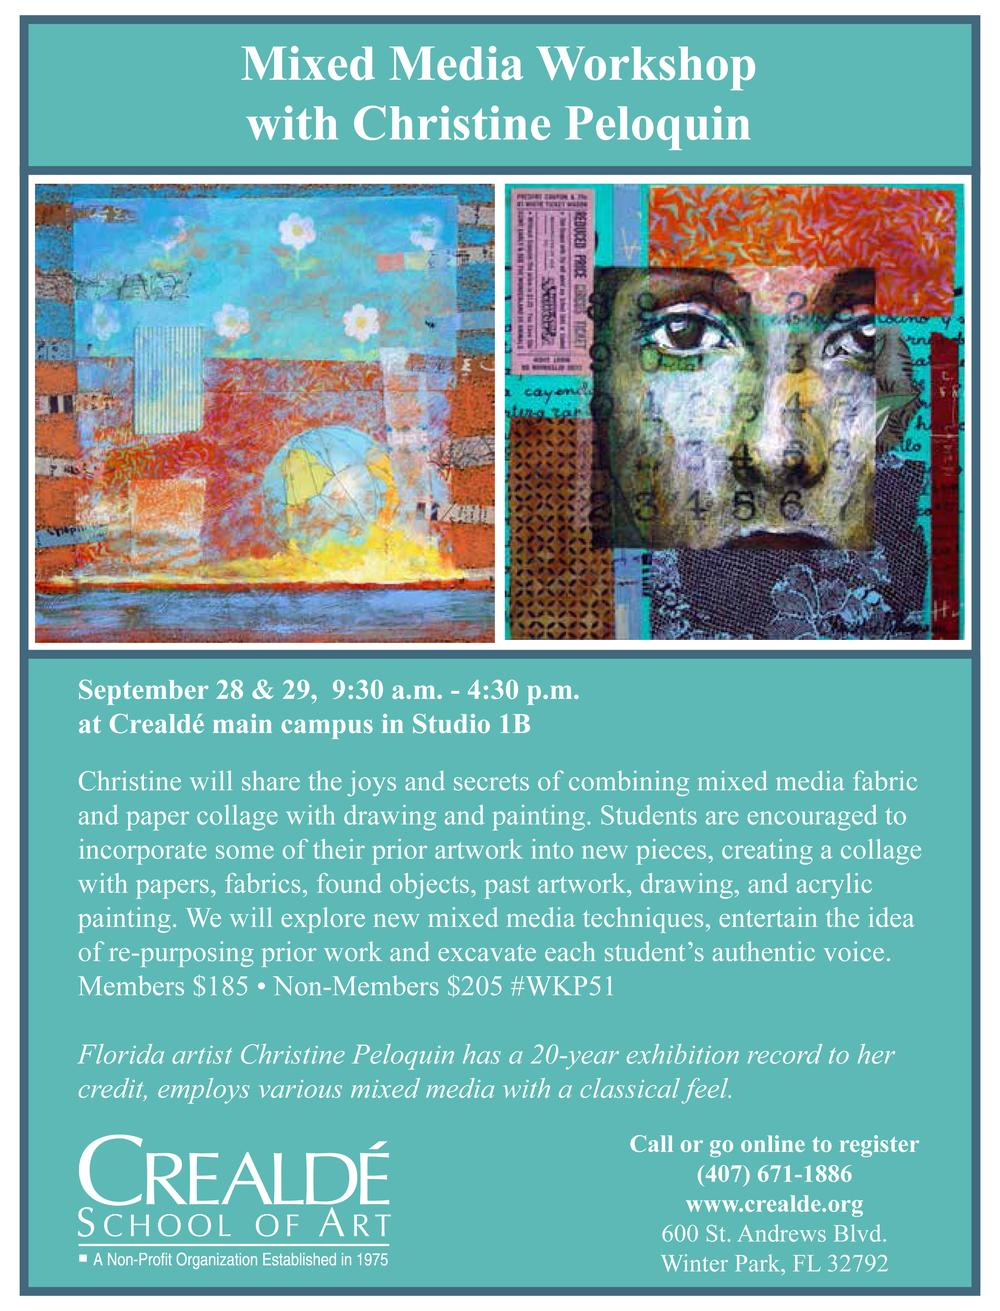 9-28-13 Christine Peloquin.jpg